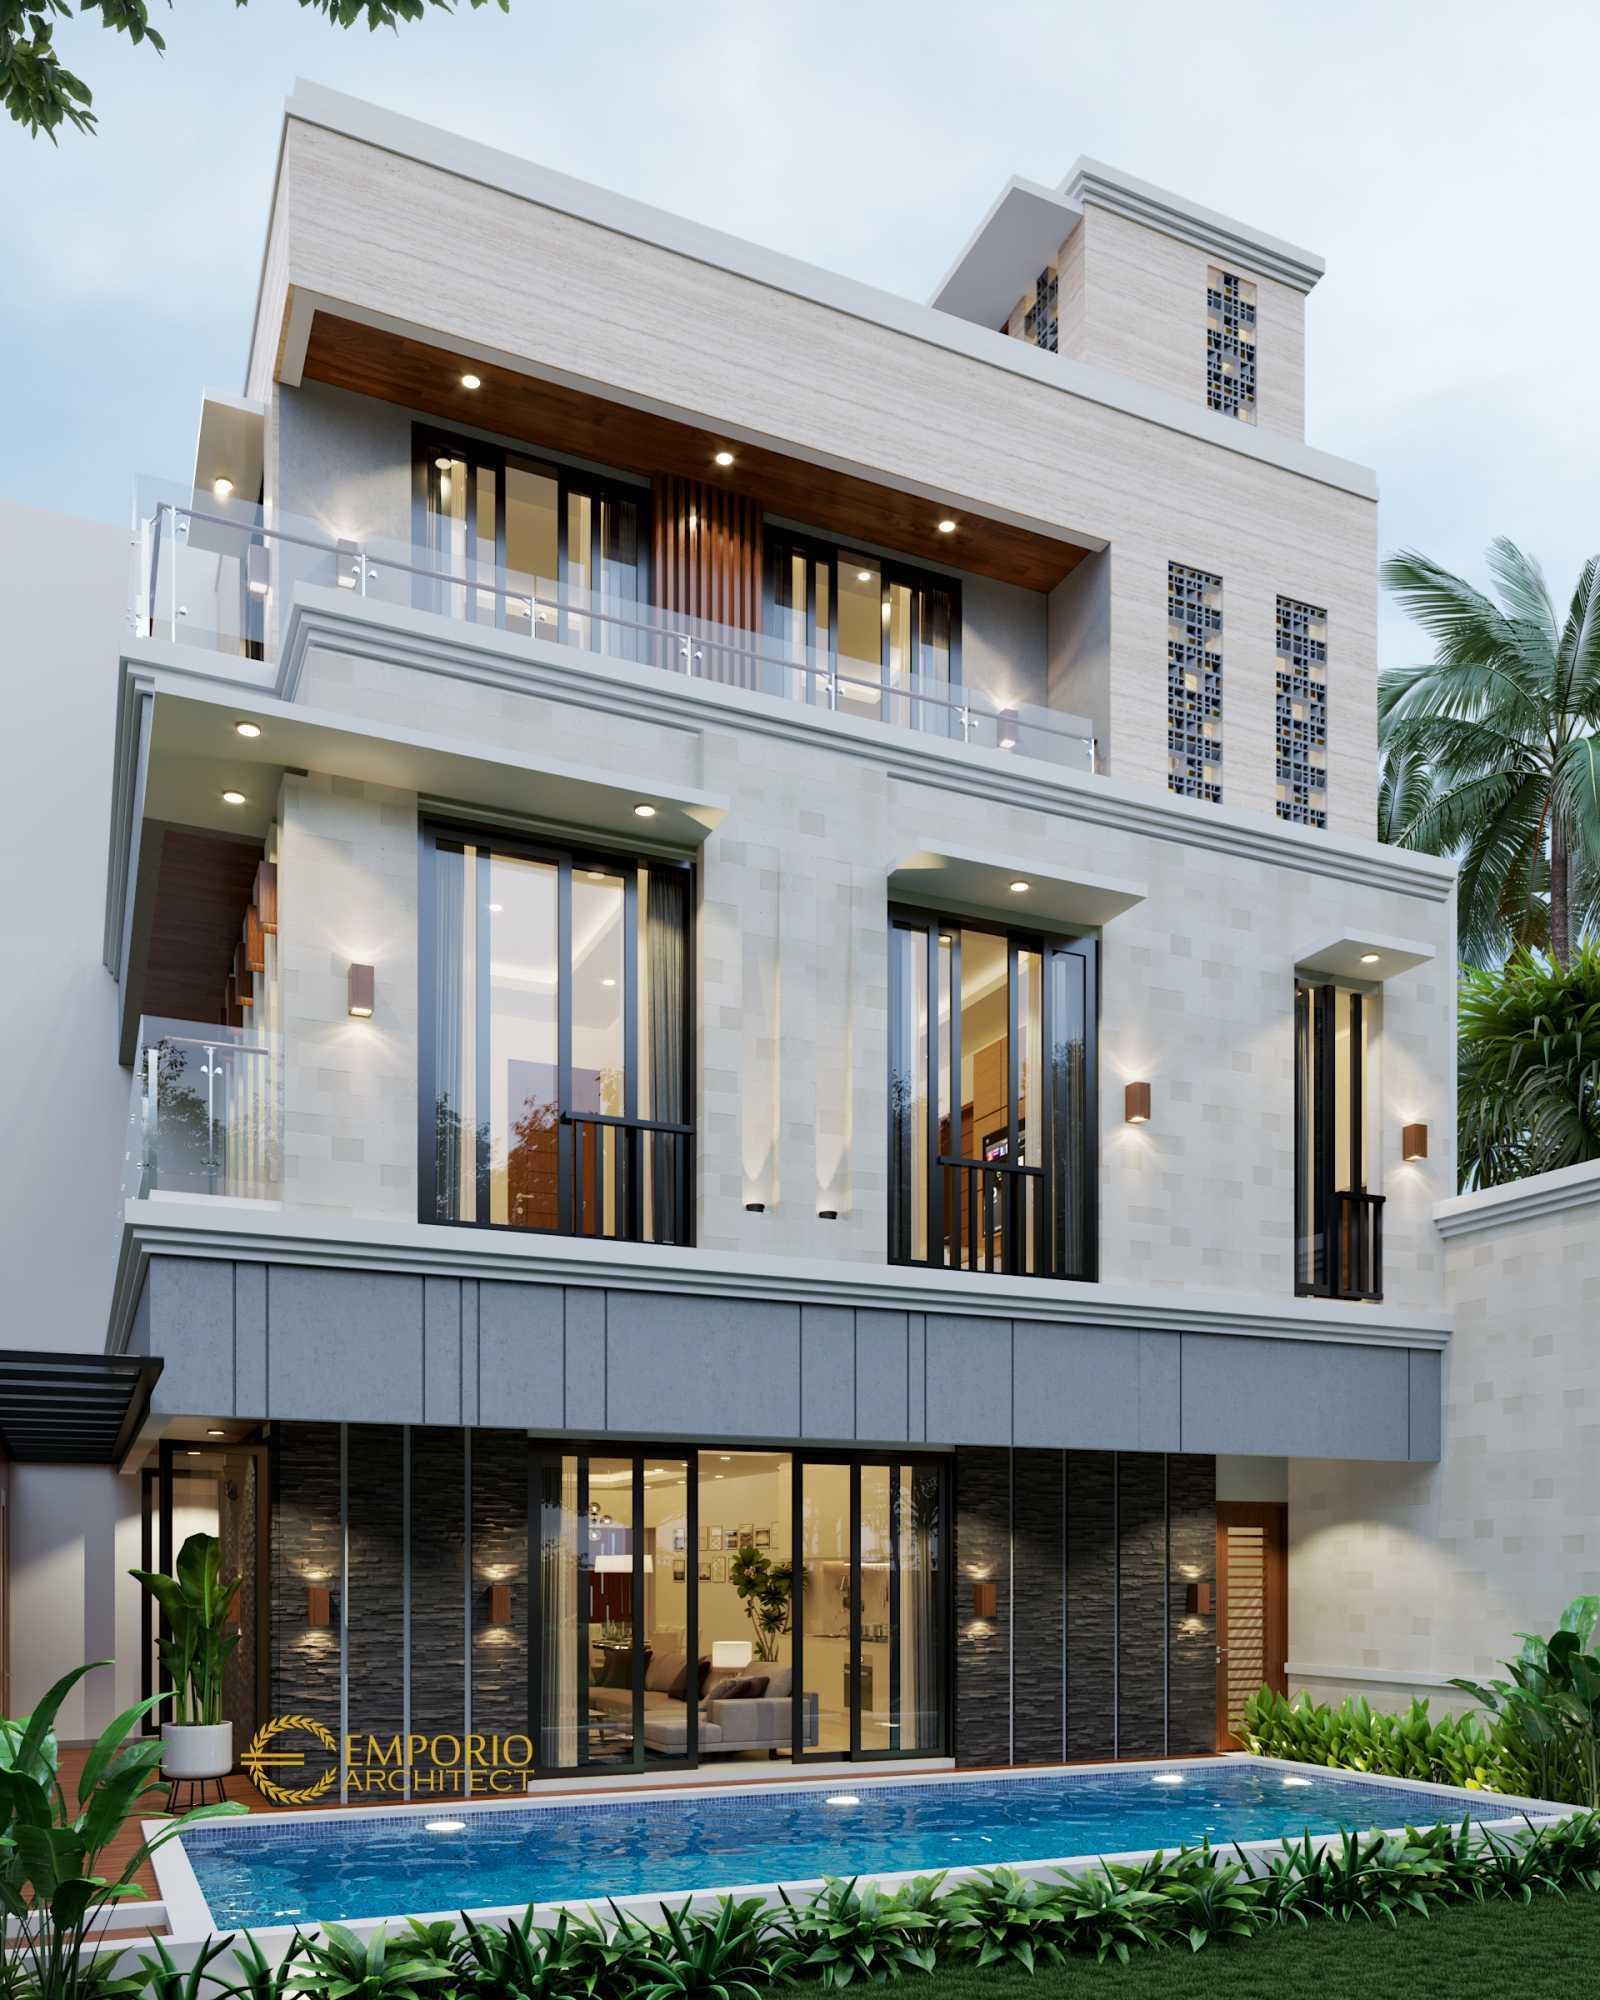 Emporio Architect Desain Rumah Modern Tropis 618 @ Tangerang Tangerang, Kota Tangerang, Banten, Indonesia Tangerang, Kota Tangerang, Banten, Indonesia Emporio-Architect-Desain-Rumah-Modern-Tropis-618-Tangerang   78178